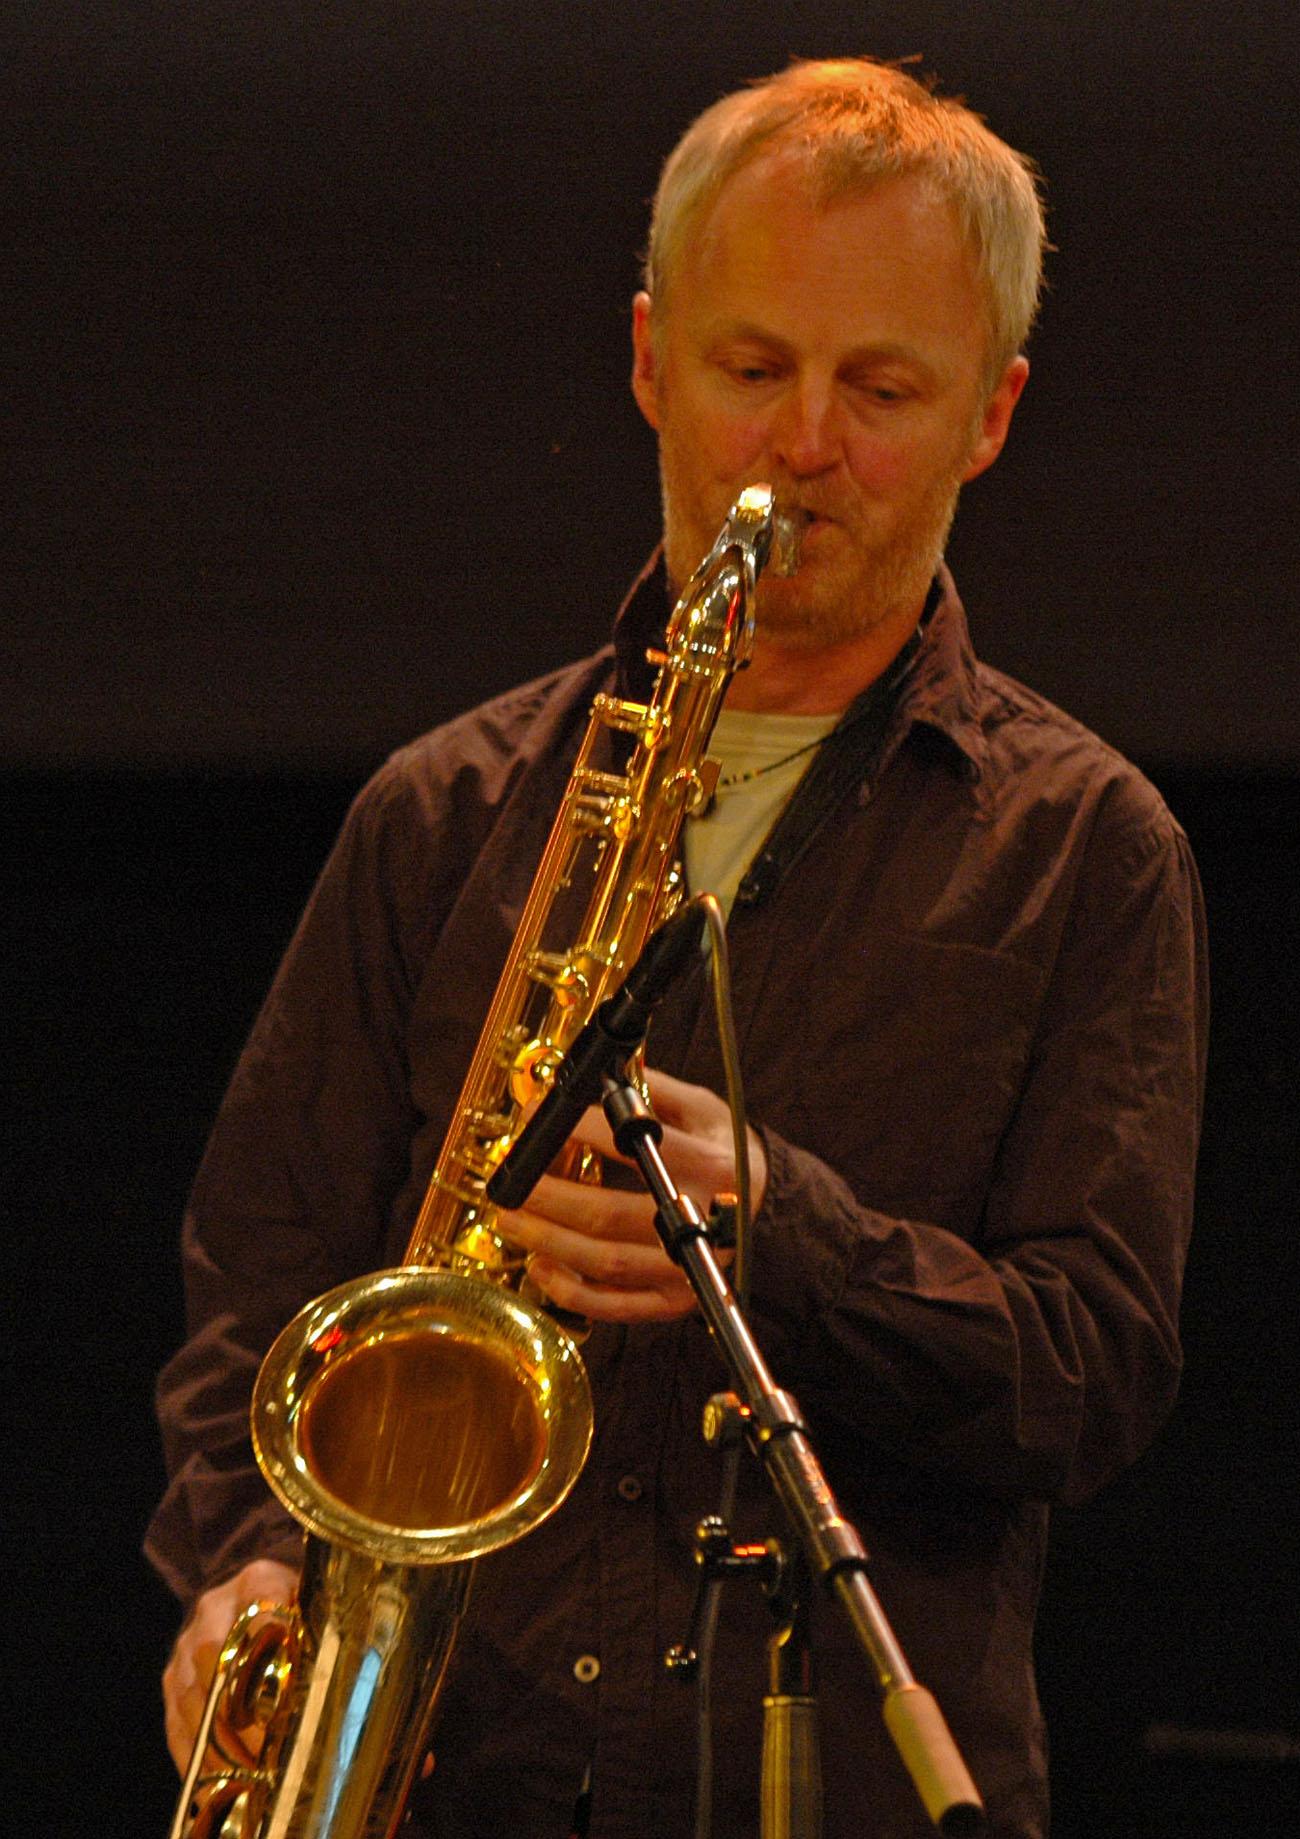 Tore Brunborg, Jazzahead 2011